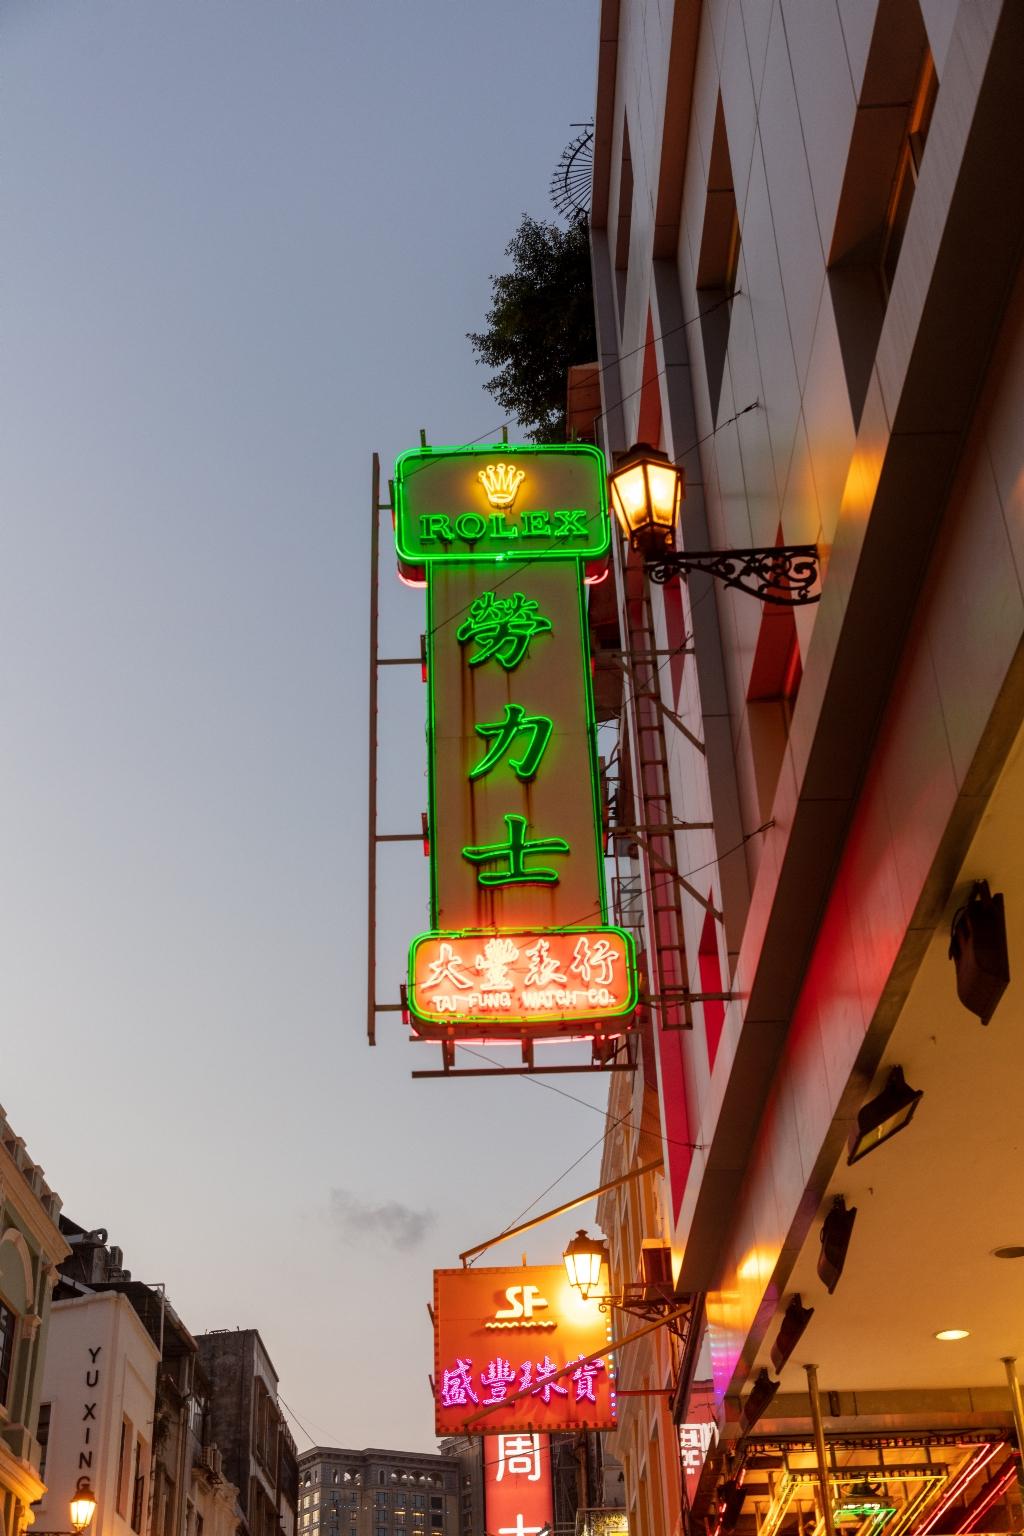 """新馬路""""大豐錶行""""的老式霓虹燈招牌"""